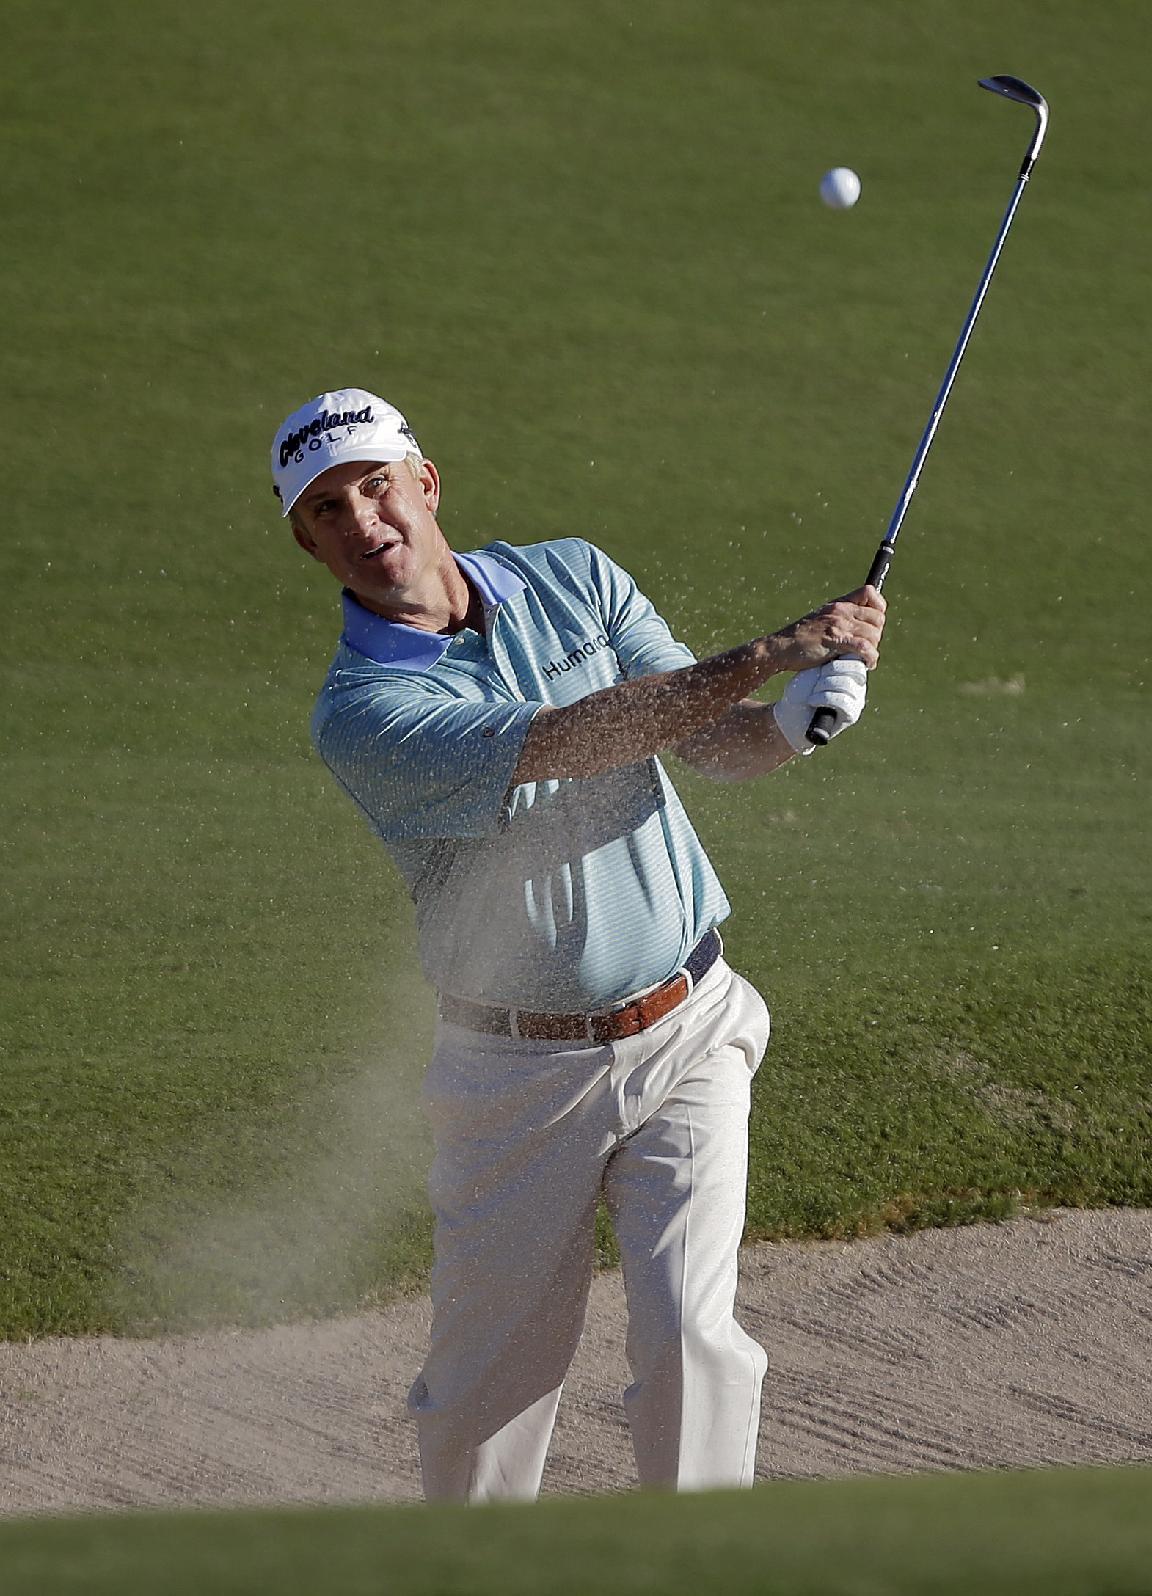 Webb Simpson opens 4-shot lead in Las Vegas